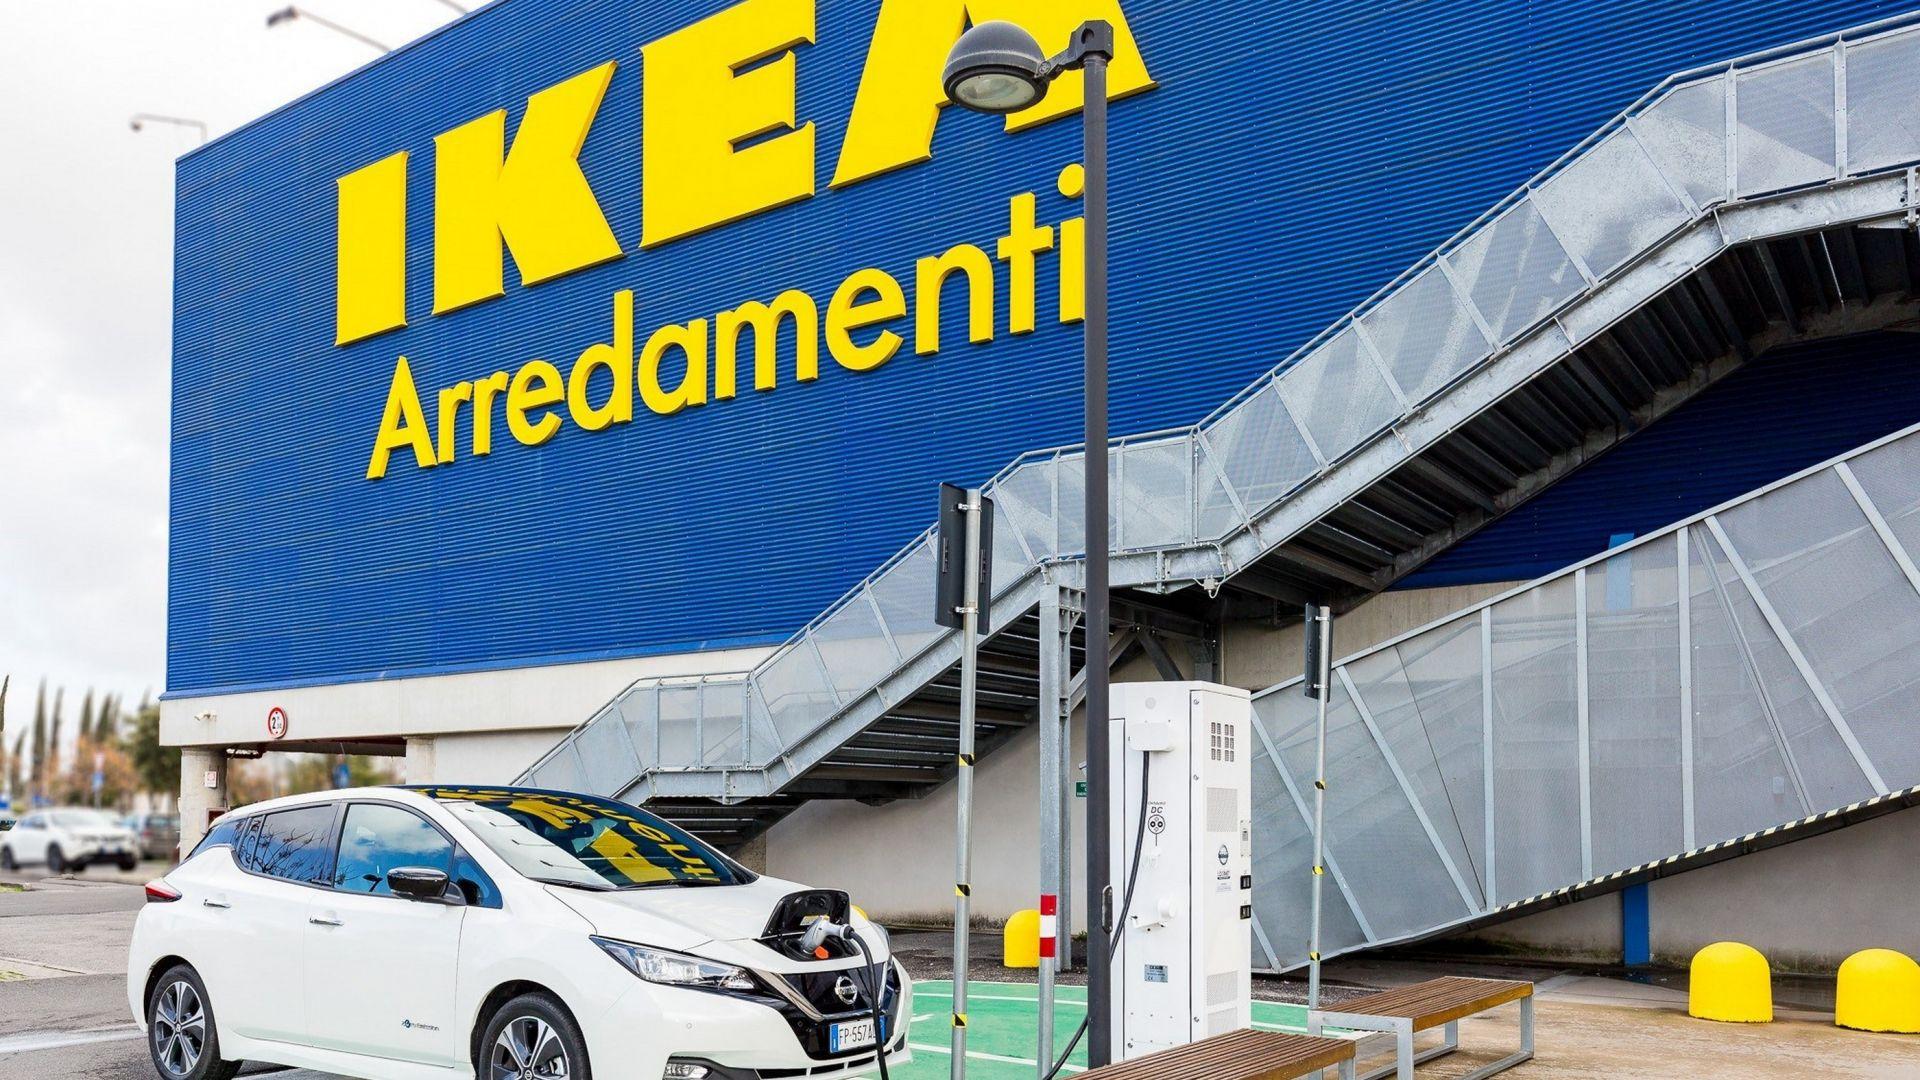 Nissan colonnina di ricarica elettrica all 39 ikea di roma - Ikea porta di roma telefono ...